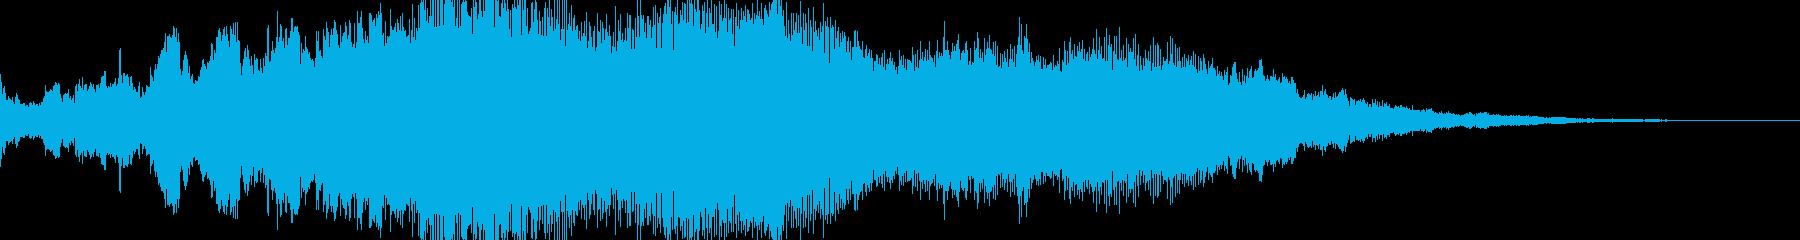 サウンドロゴ シンセサイザーの再生済みの波形